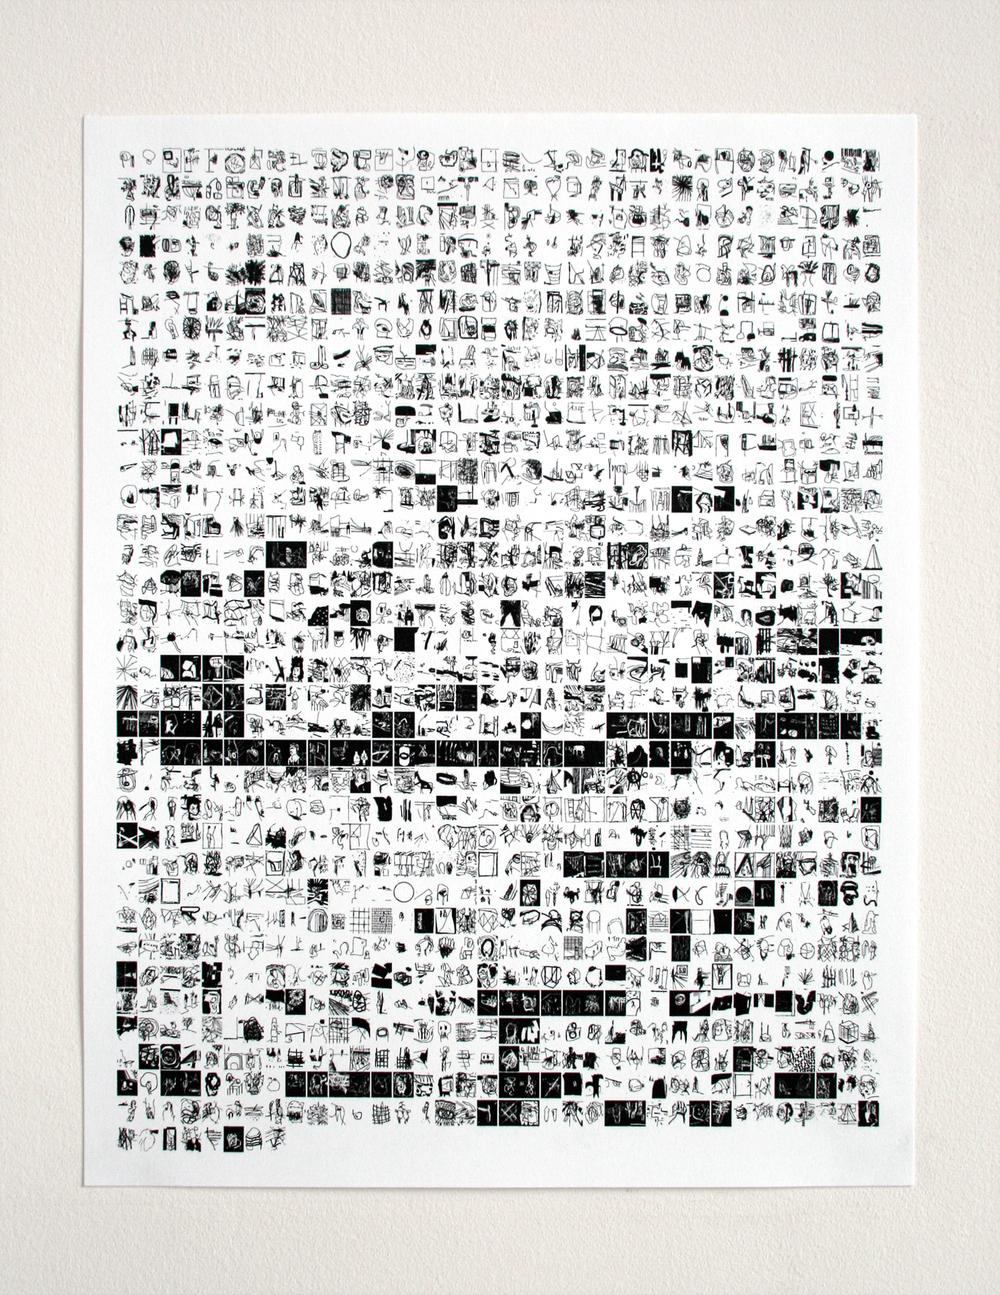 Index (12-28-07)